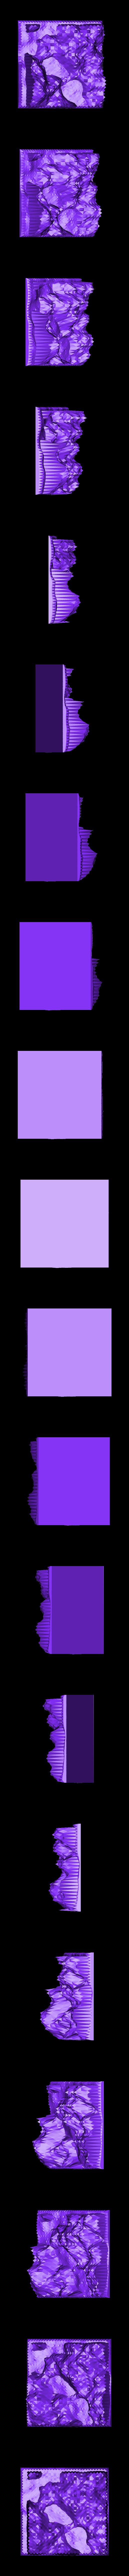 MOUNTAIN_Tile.stl Télécharger fichier STL gratuit Projet : Faites votre propre pays avec Tinkercad • Modèle à imprimer en 3D, Urulysman